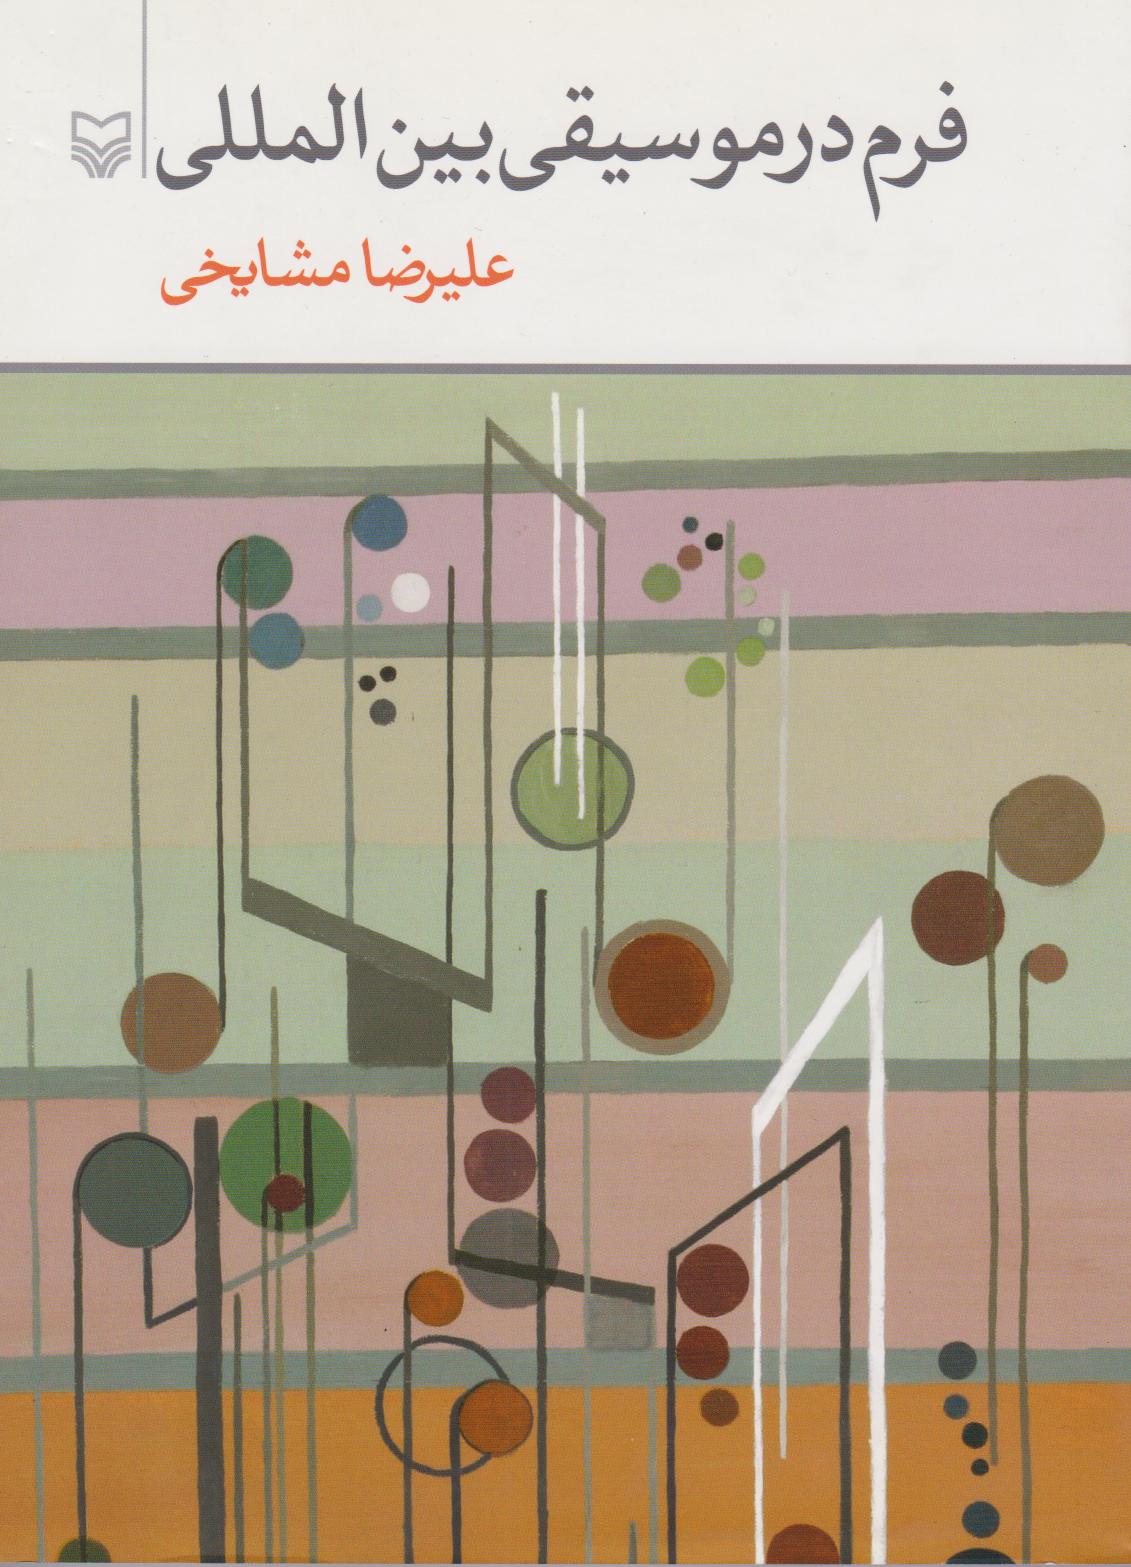 کتاب فرم درموسیقی بین الملل علیرضا مشایخی انتشارات سوره مهر